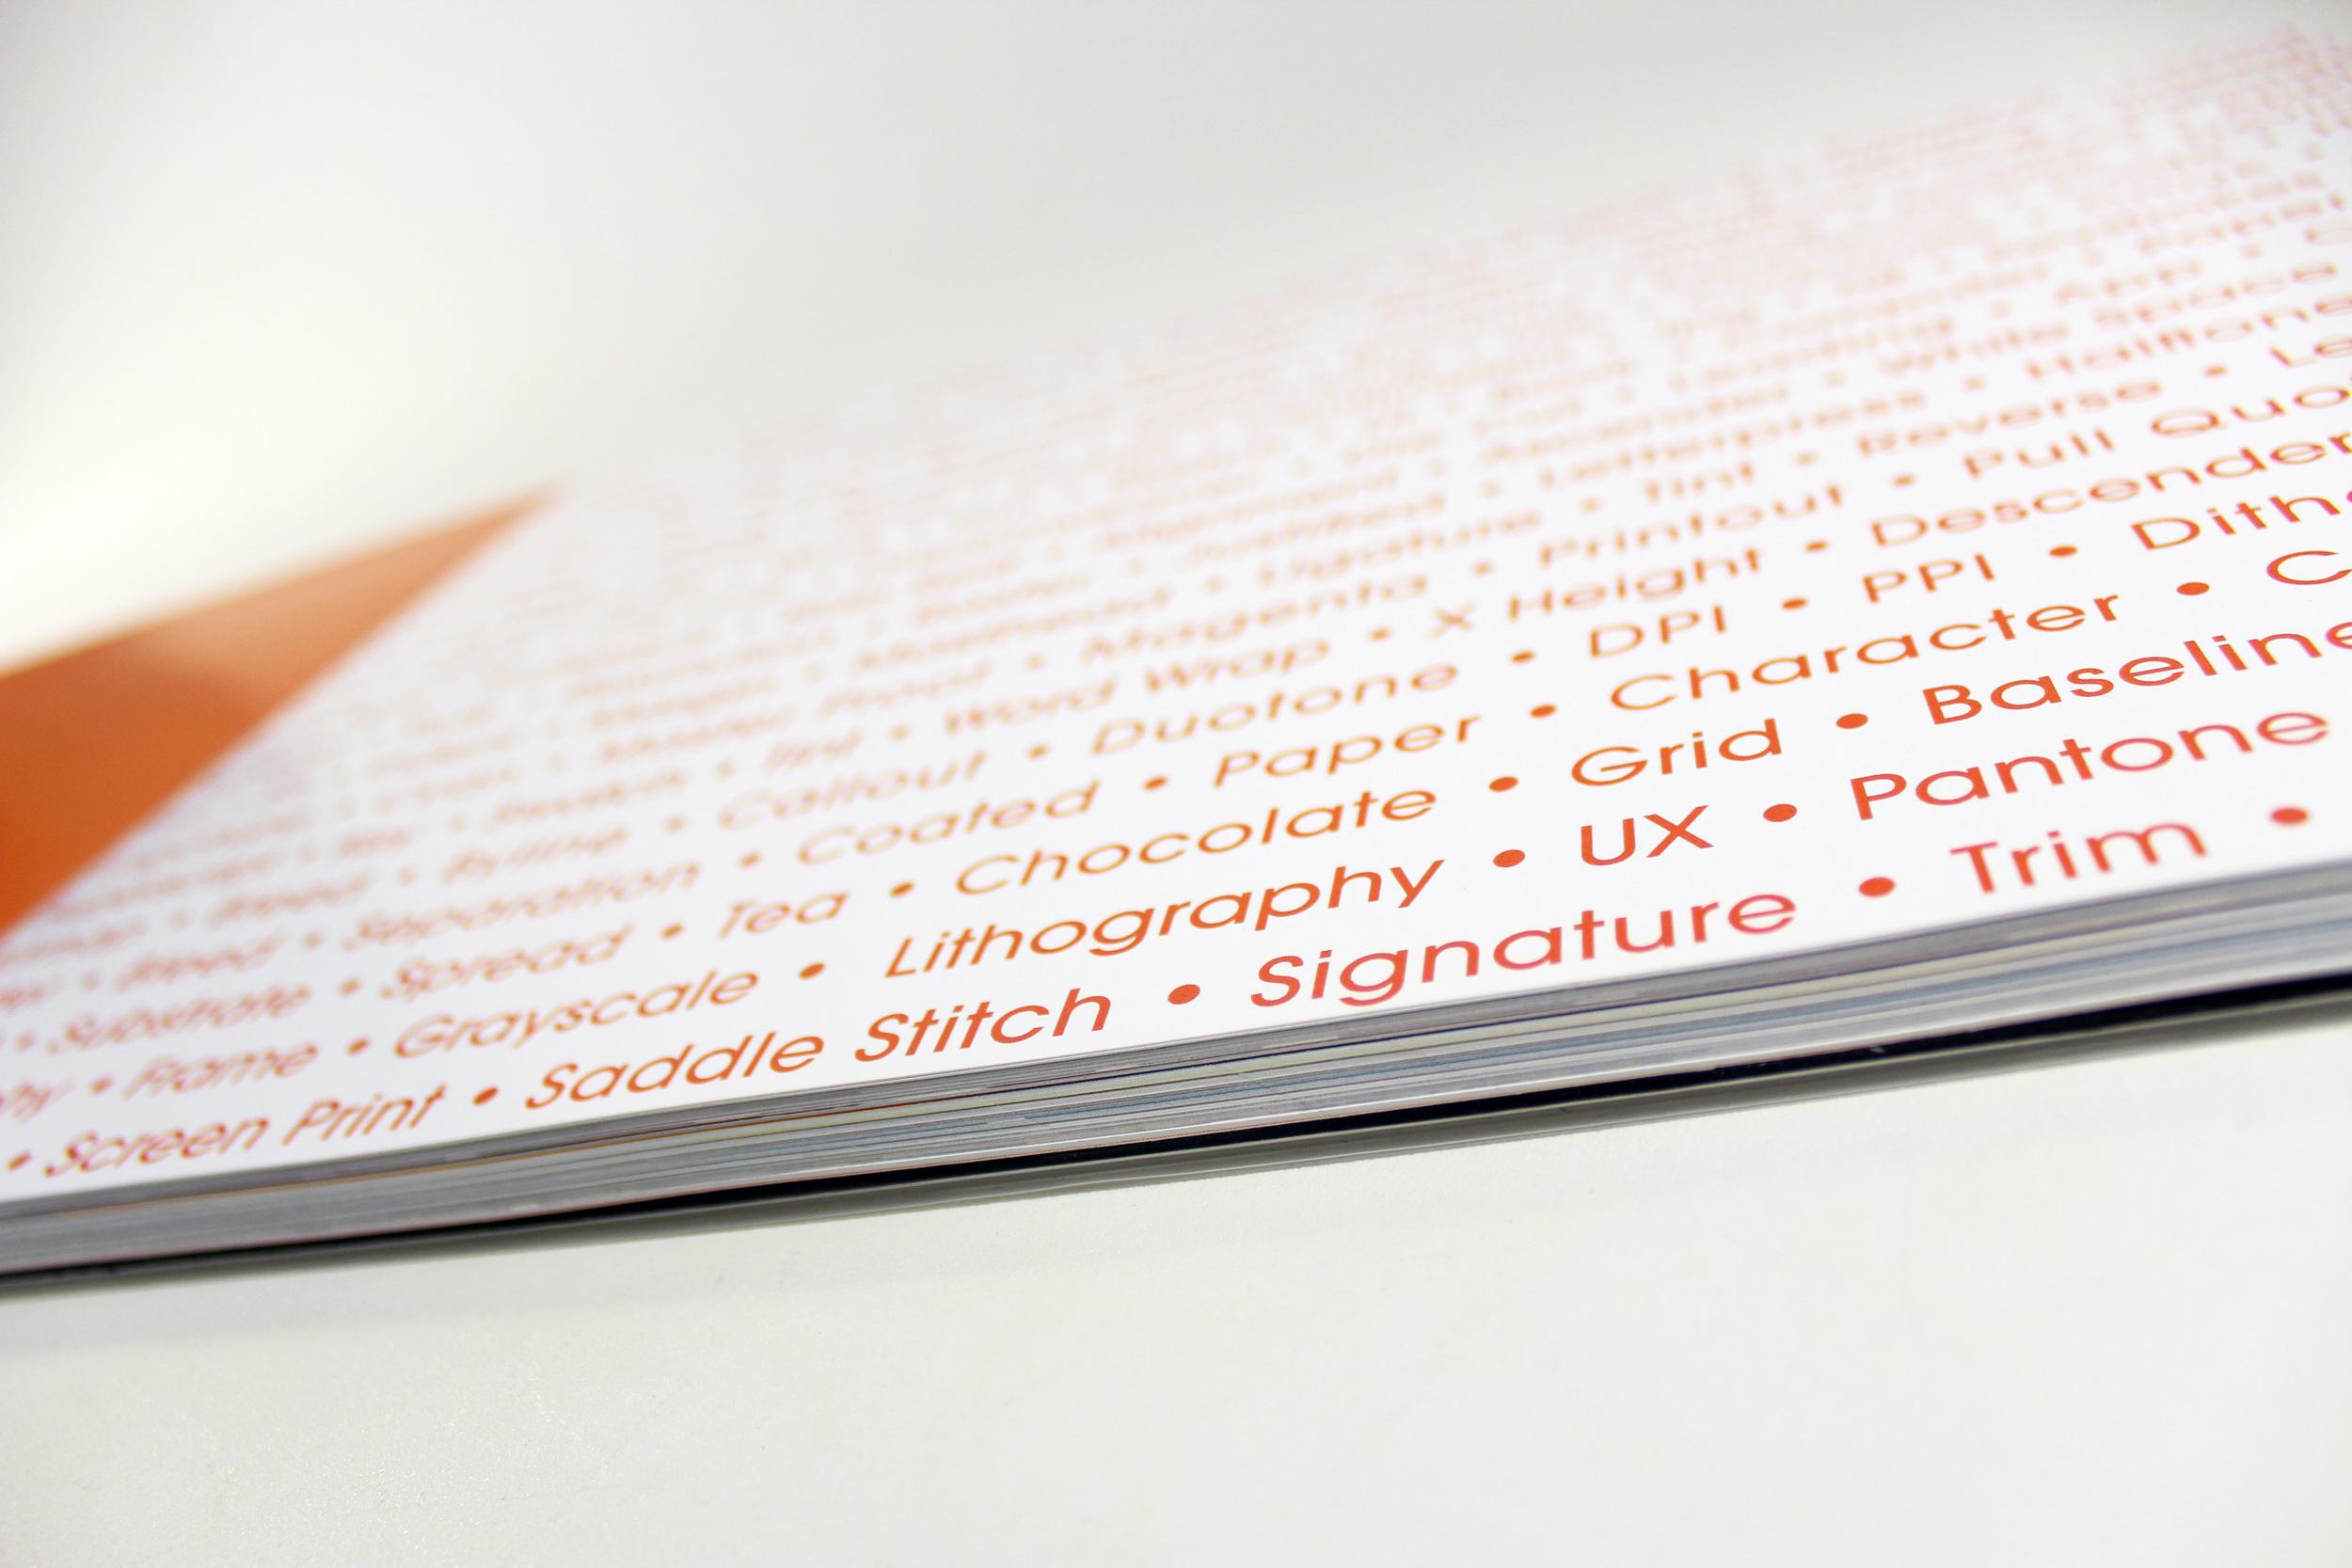 Portbook7 Shailongcreative.com